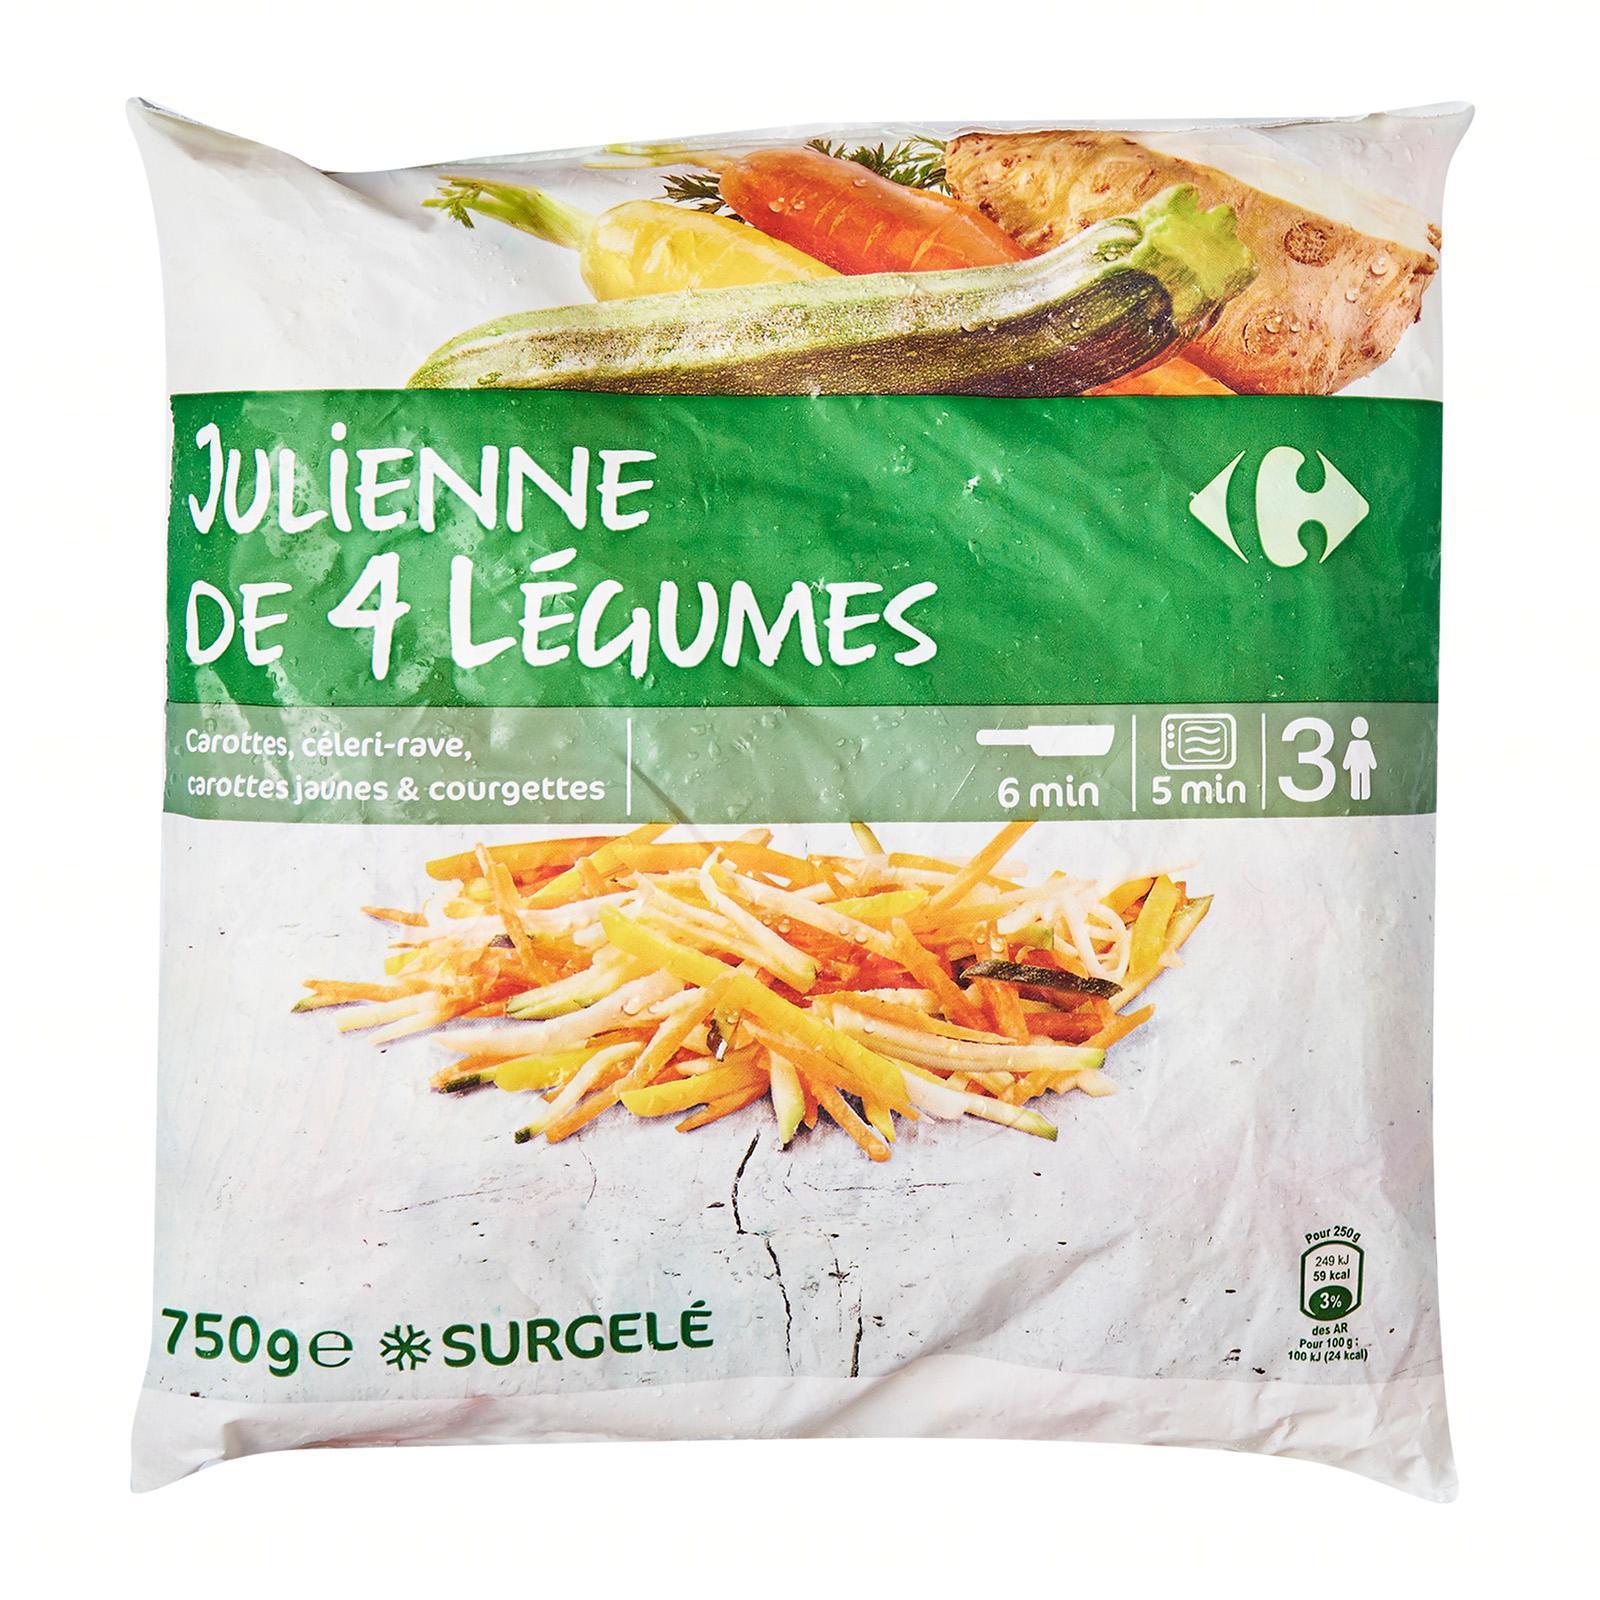 Carrefour Veggies In Julienne - Frozen - By Le Petit Depot By Redmart.